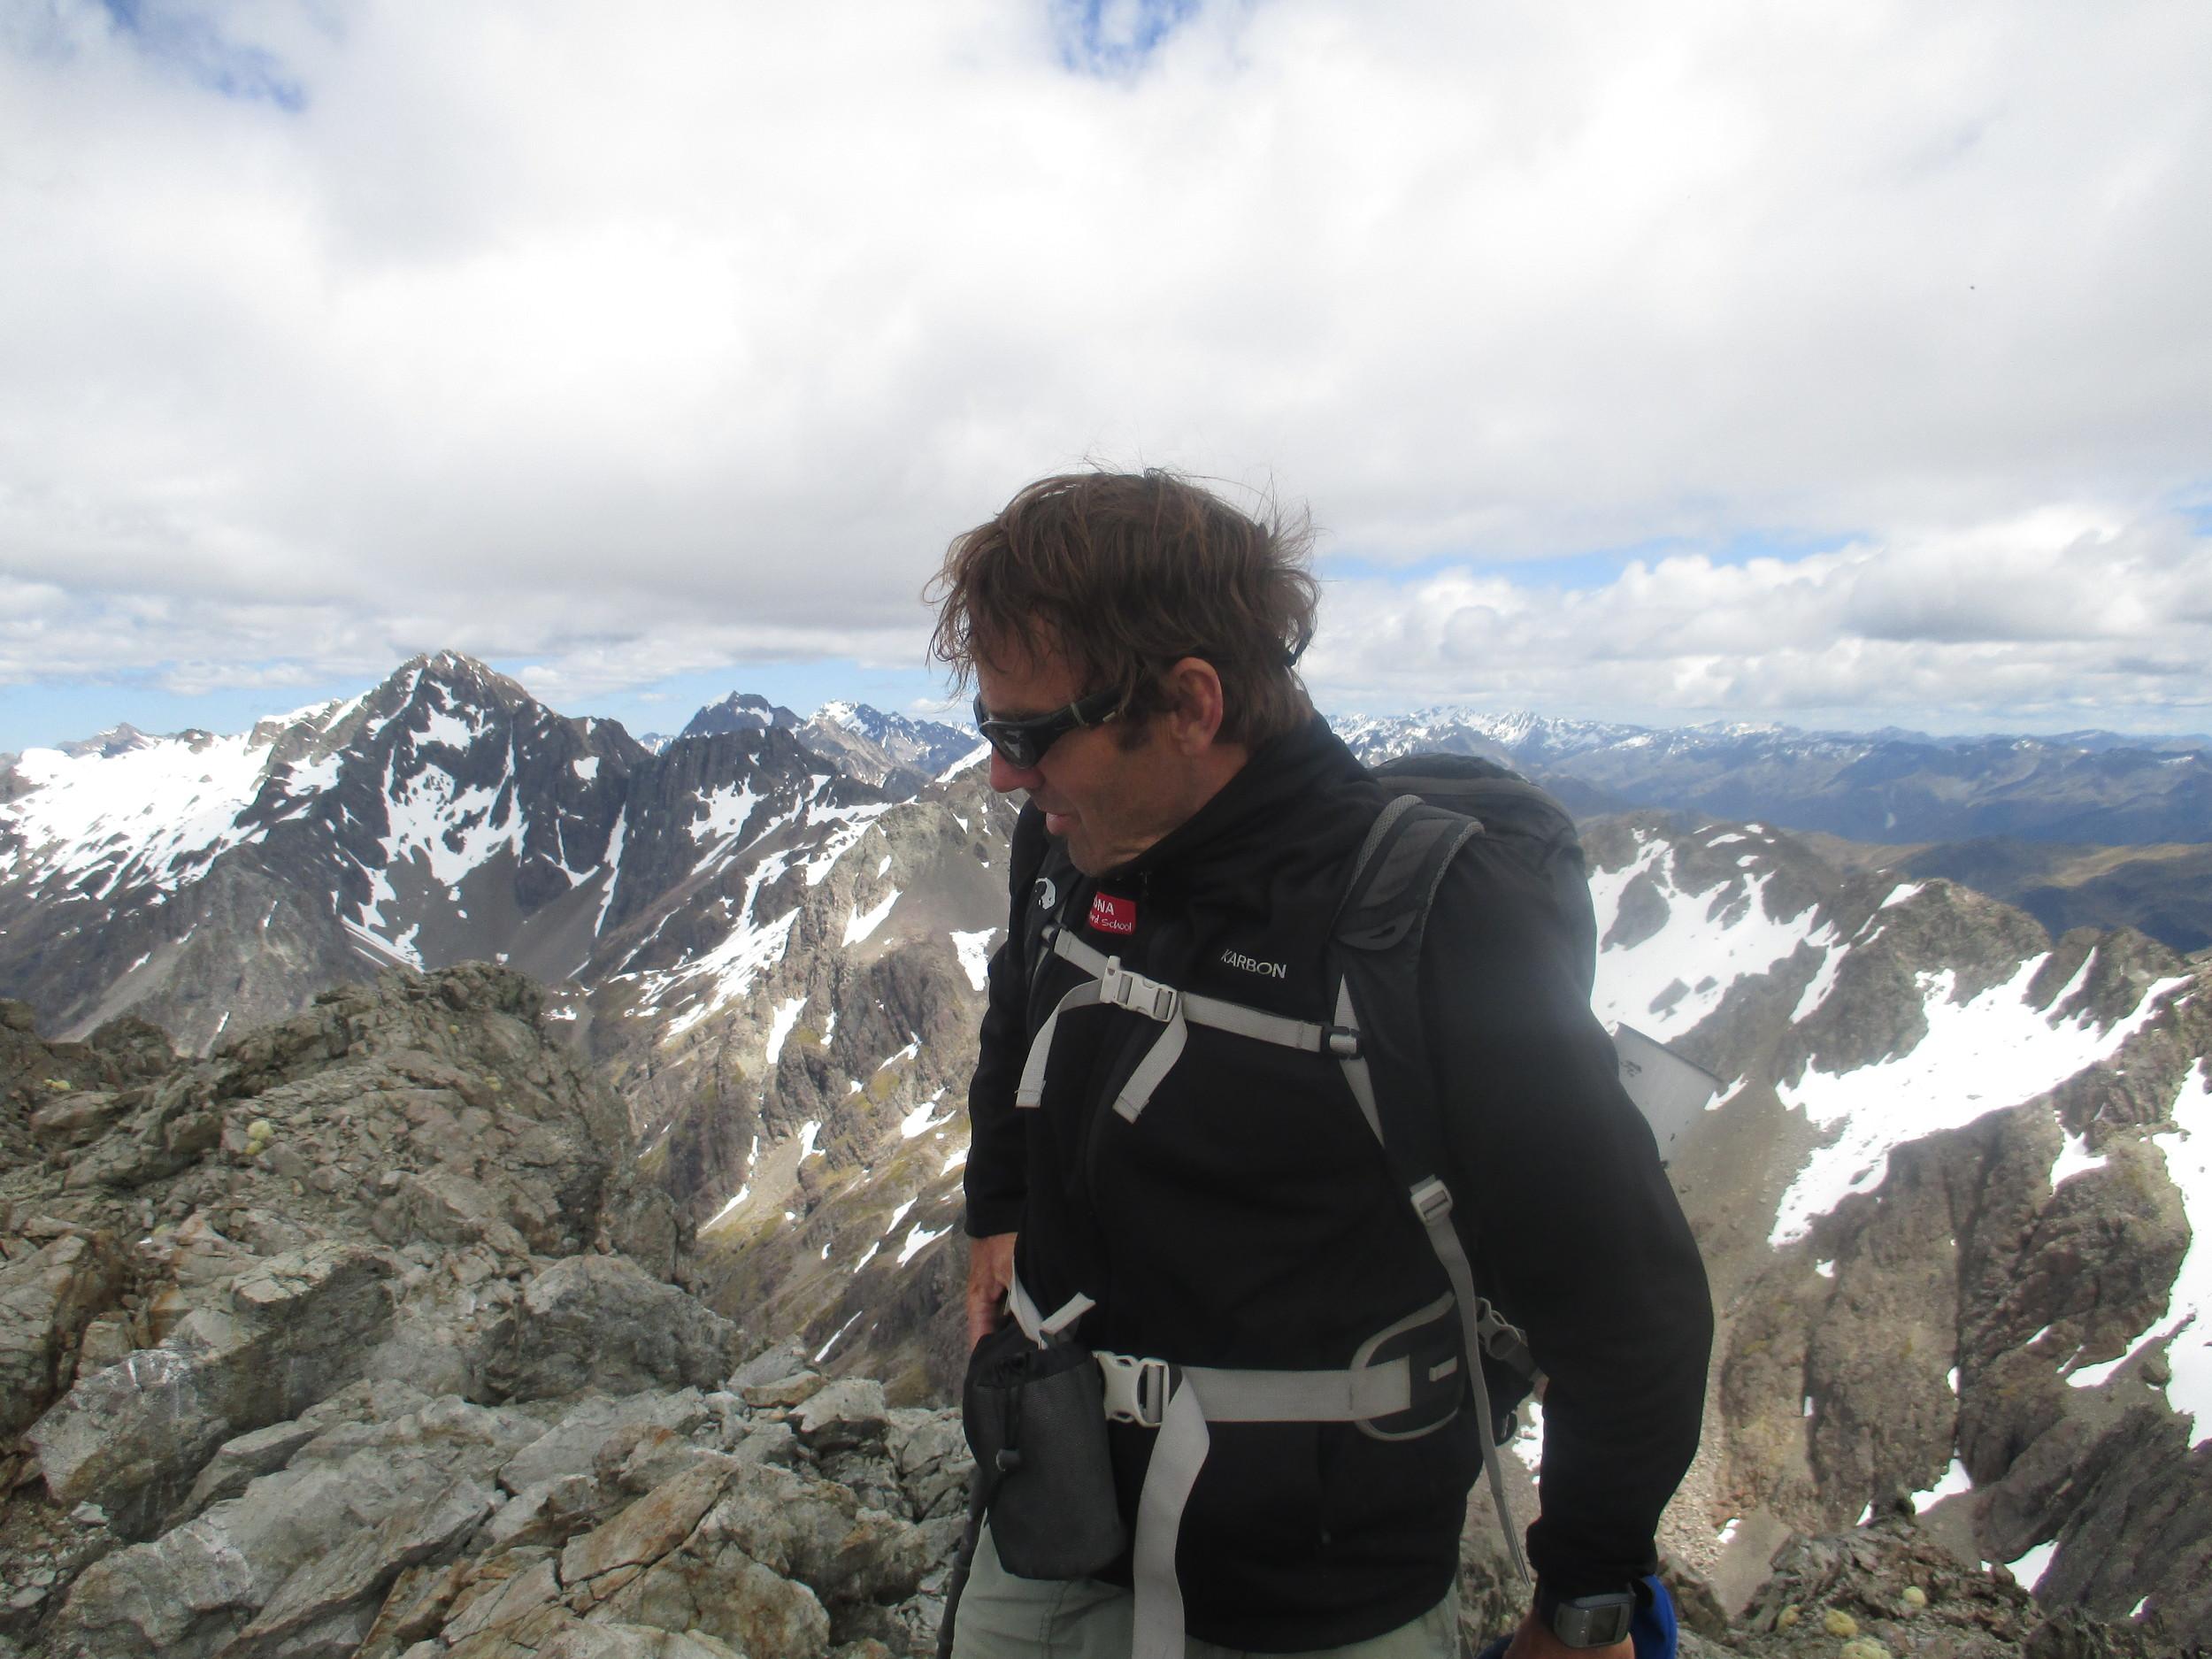 On Angelus summit, Hopeless behind